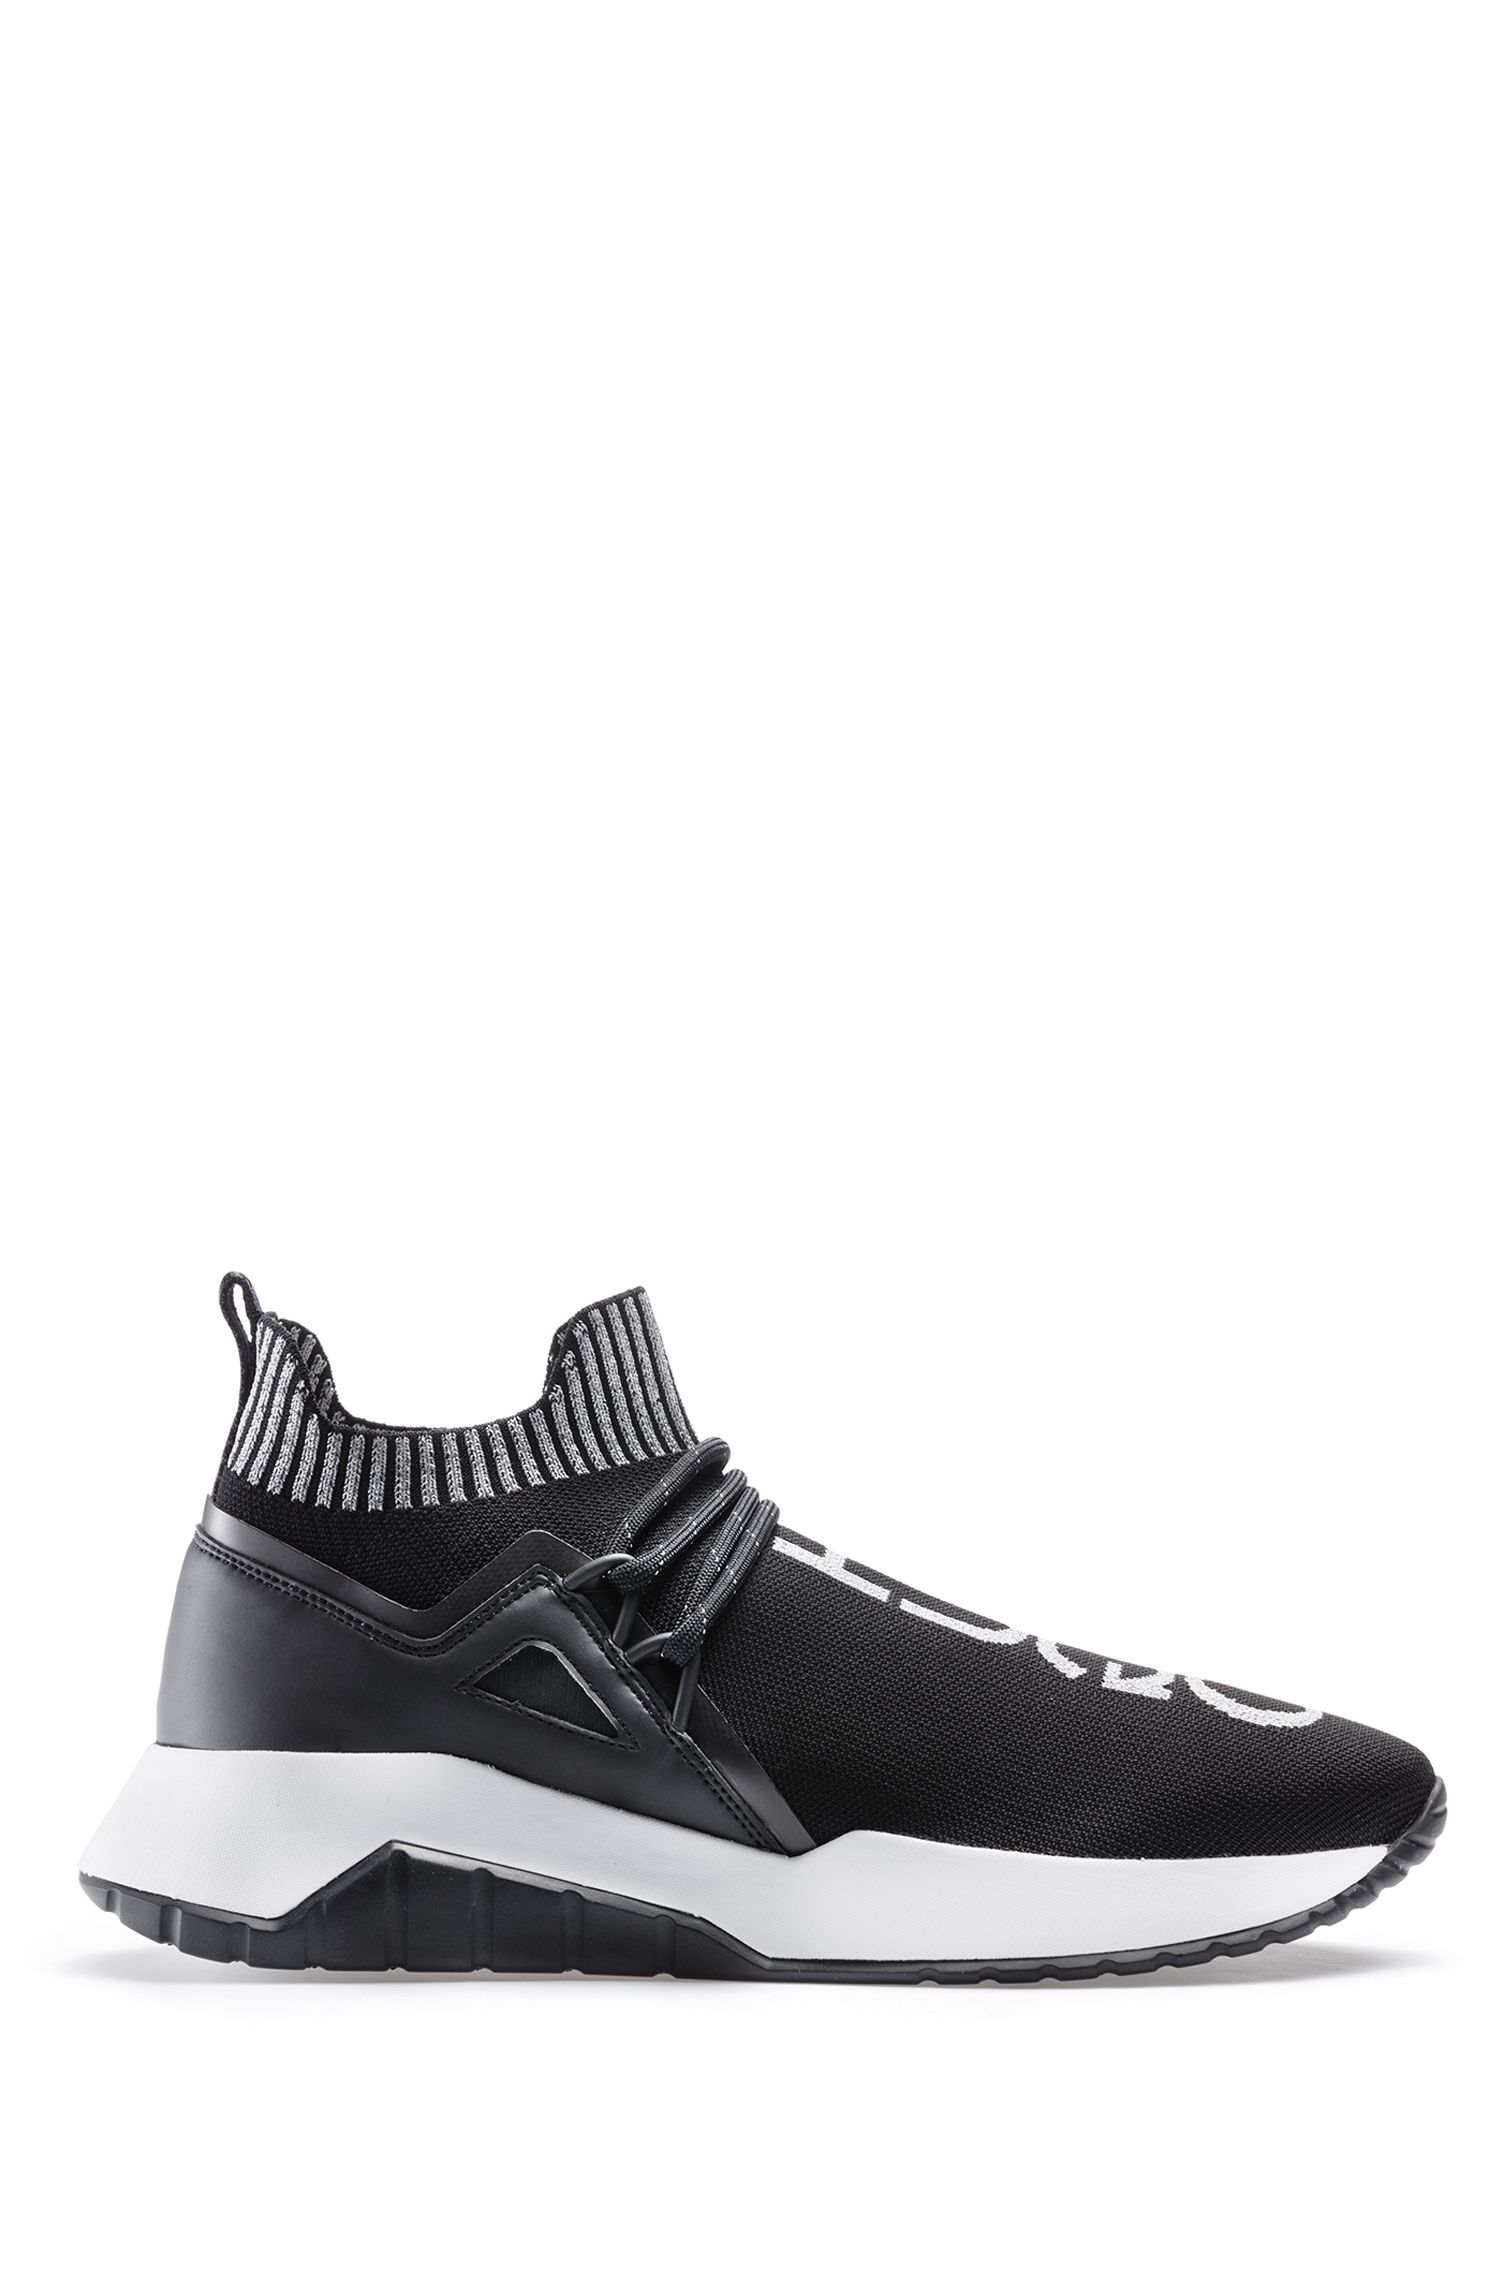 Sneakers mit reflektierendem Logo und Strickeinsatz, Schwarz